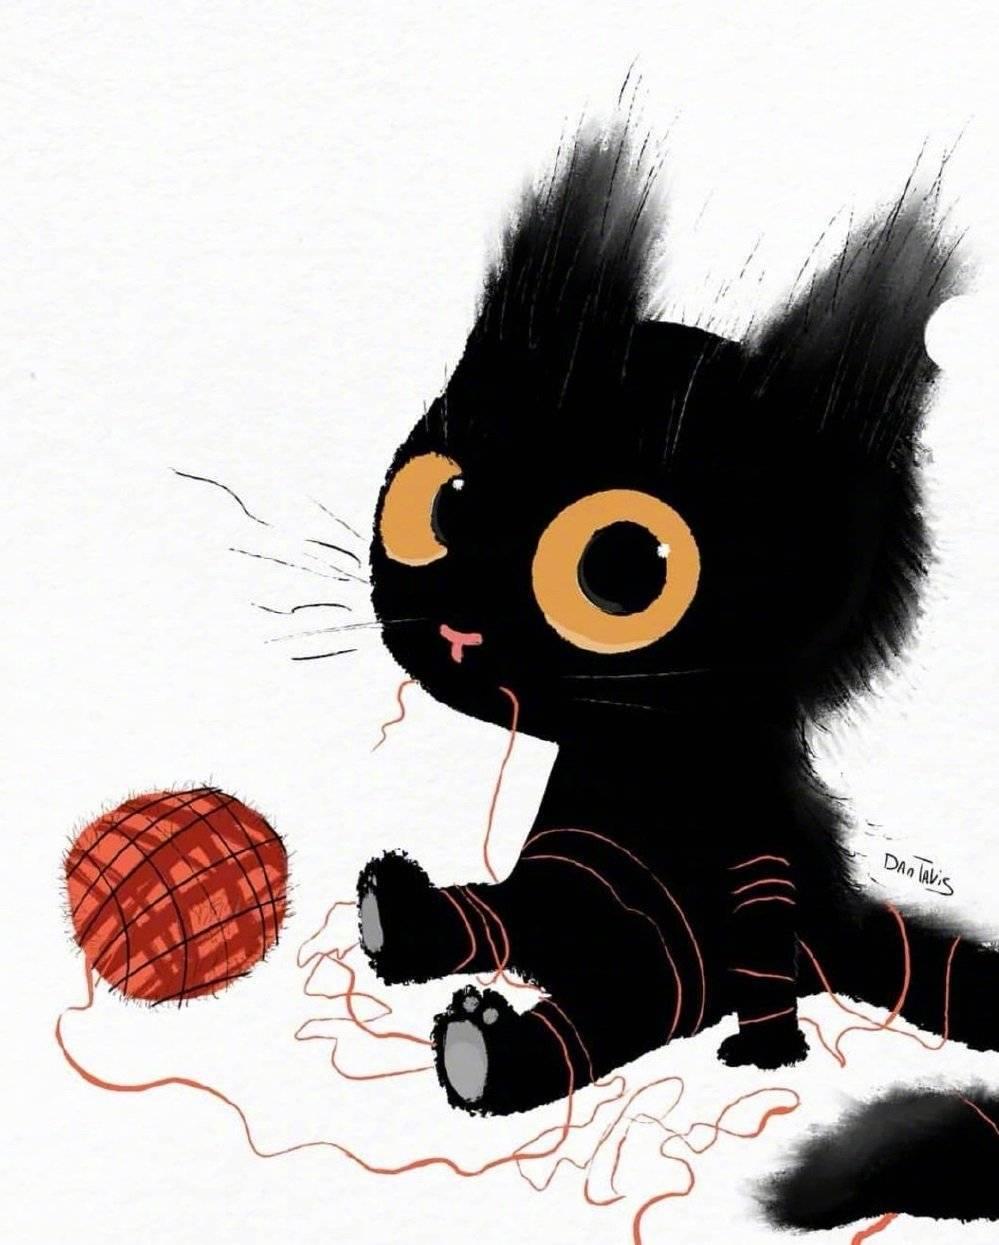 敲可爱的黑猫咪。by:Dan Tvis